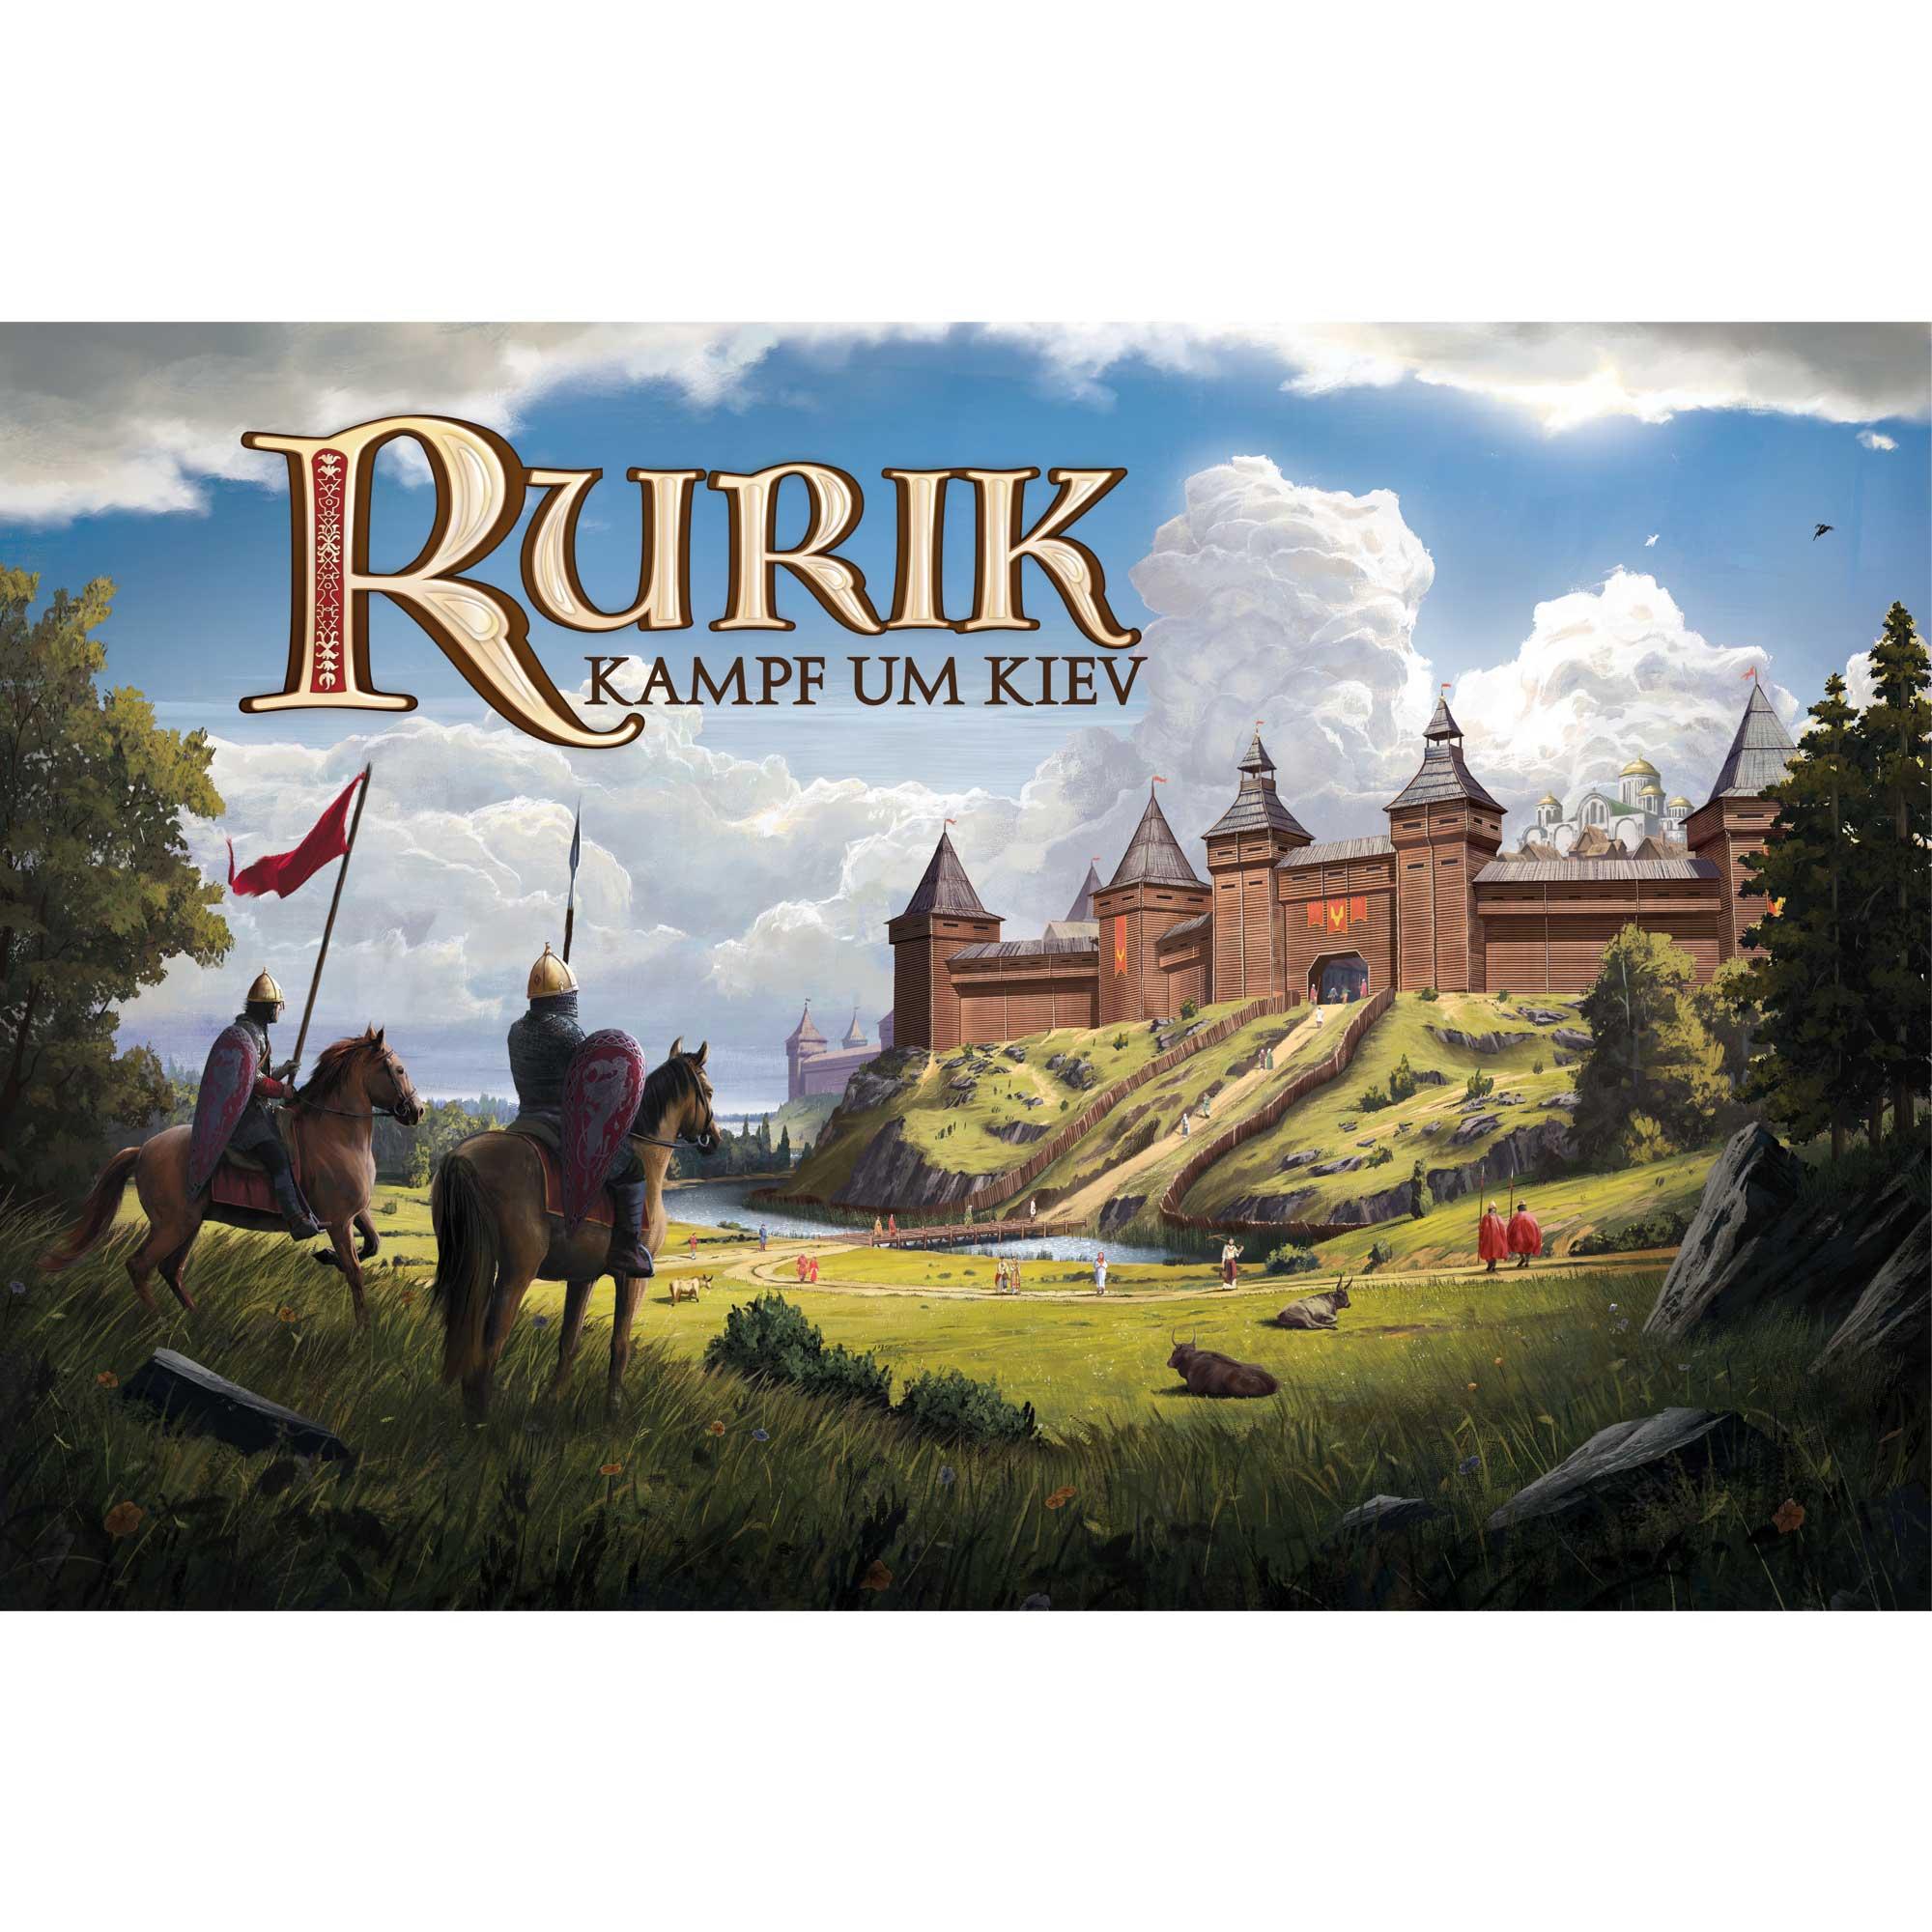 Rurik - Kampf um Kiev - Deluxe Edition mit 3D Miniaturen